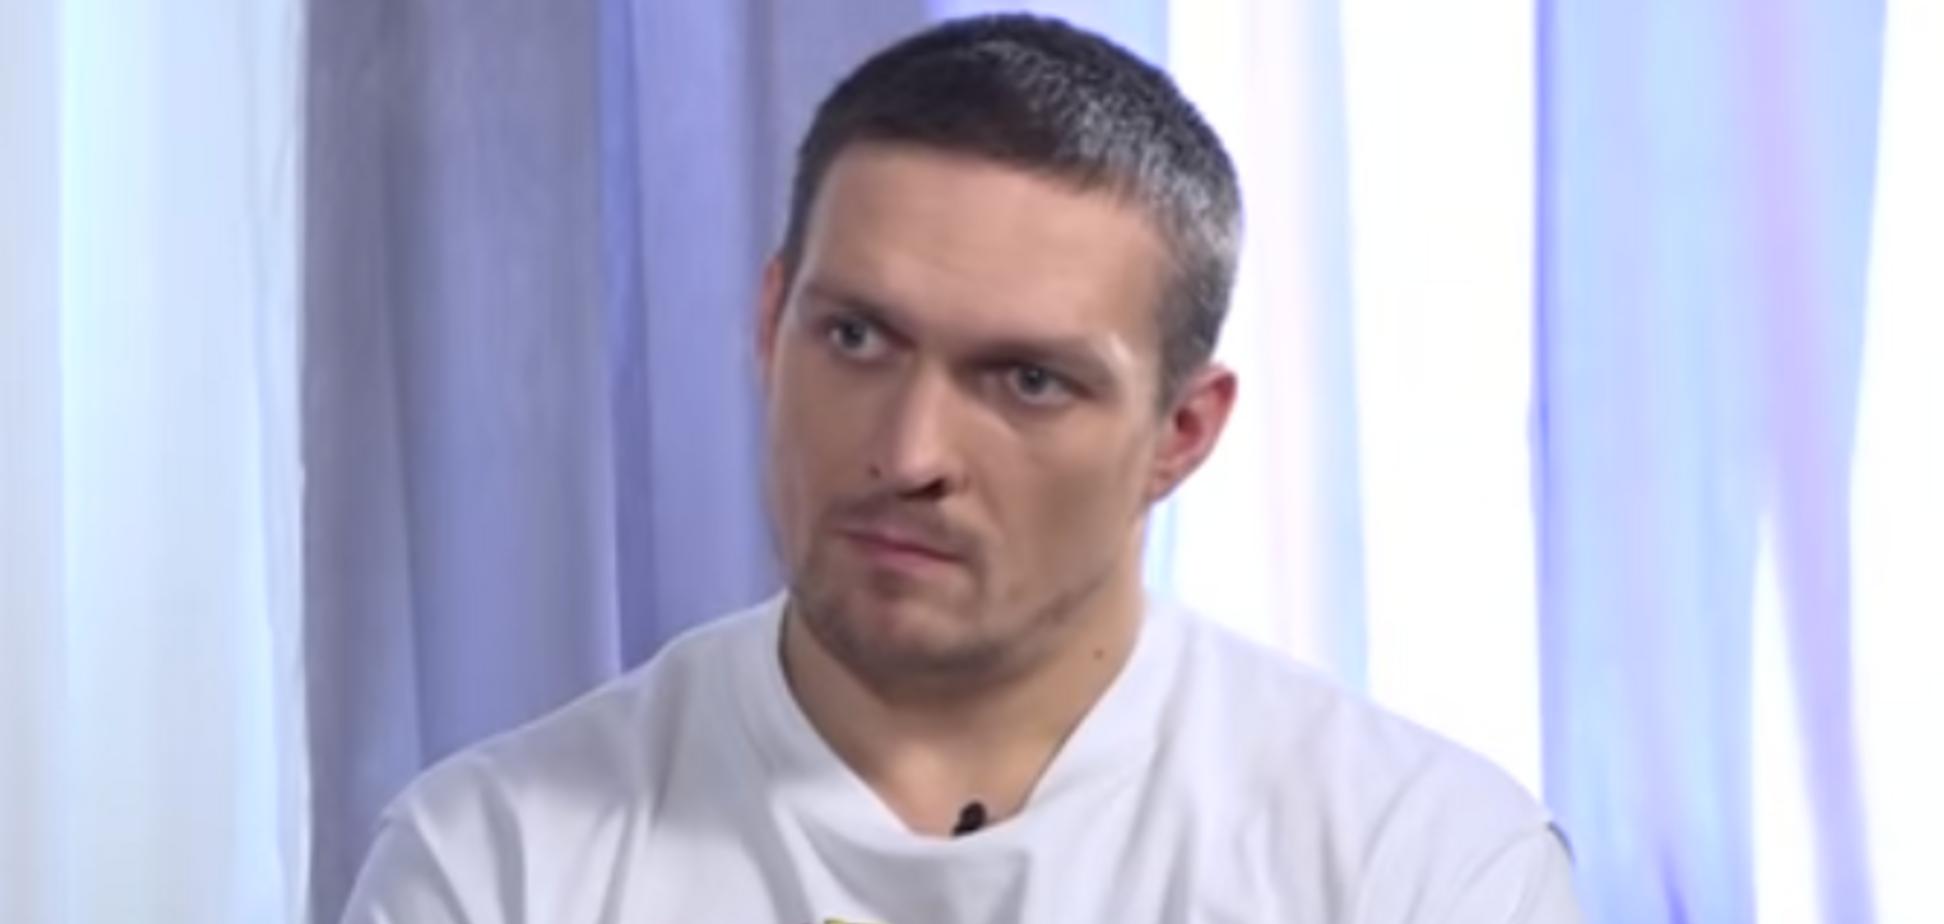 'Багато закордонного': Усик розповів, як відчув себе дурнем, і звернувся до українців